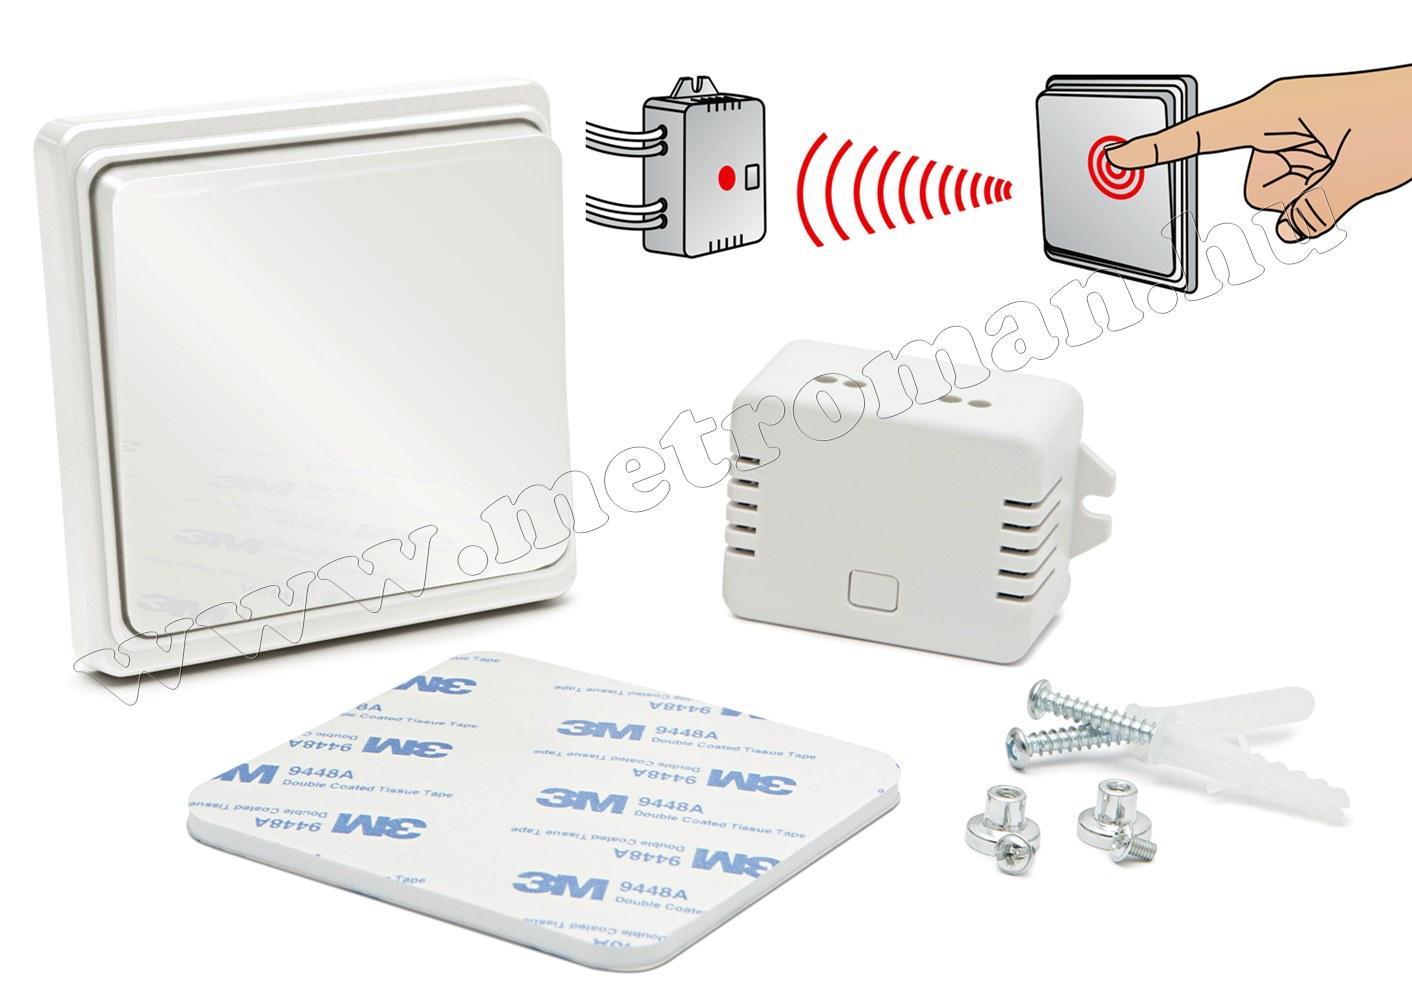 Kinetic Elem nélküli vezeték nélküli kapcsoló Delight 55350A Fényes fehér